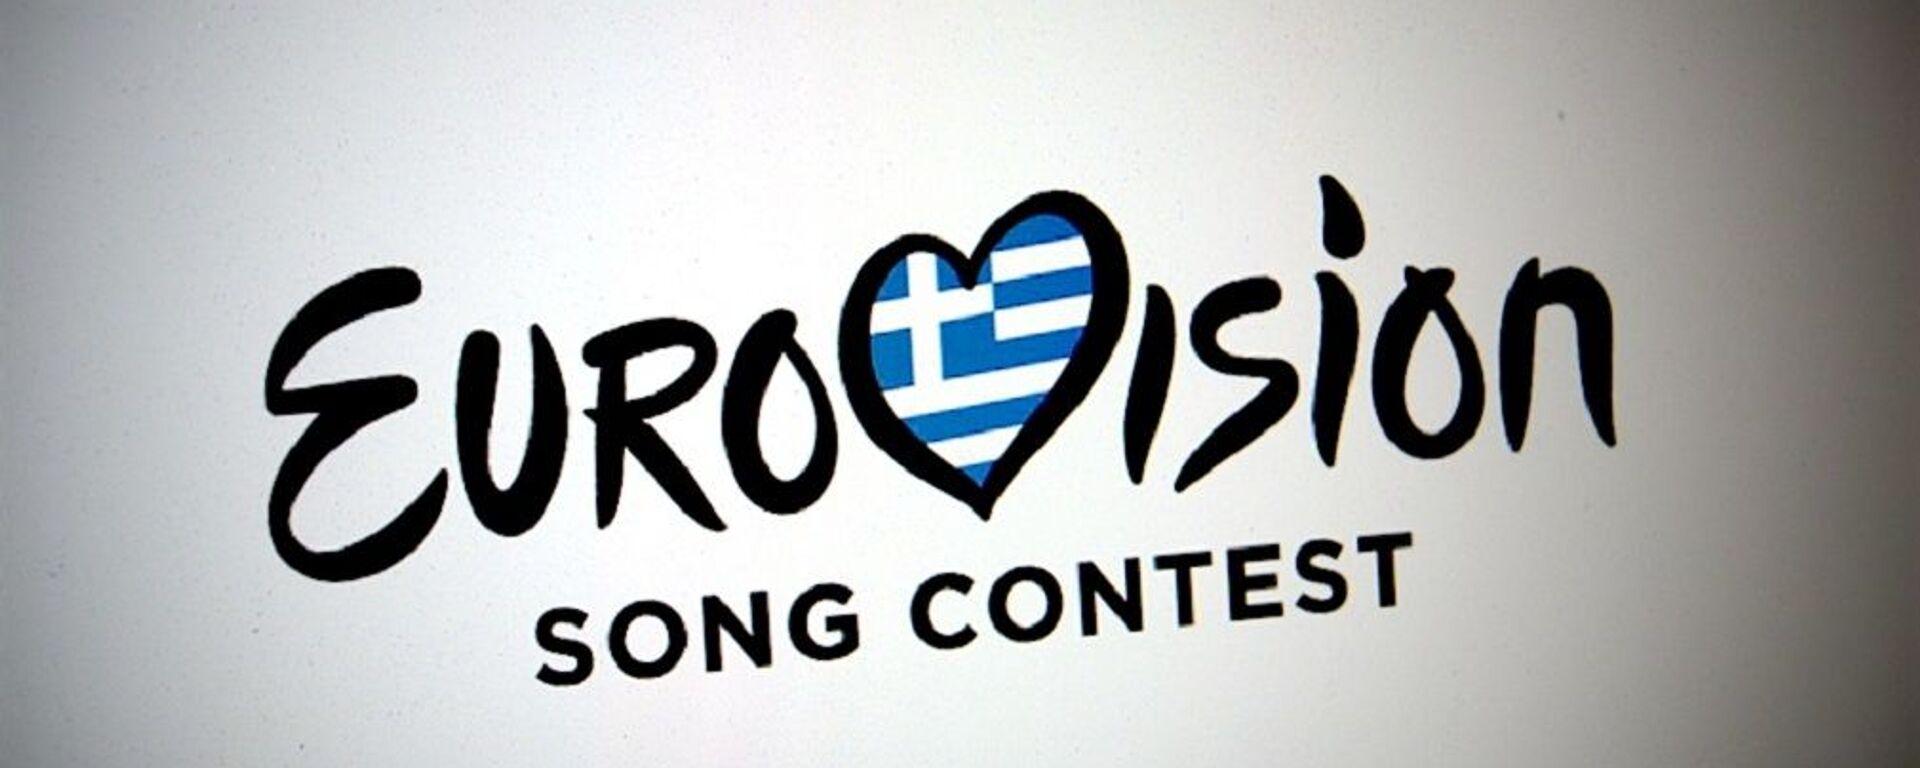 Το λογότυπο του διαγωνισμού τραγουδιού της Eurovision με την ελληνική σημαία στο κέντρο - Sputnik Ελλάδα, 1920, 07.09.2021